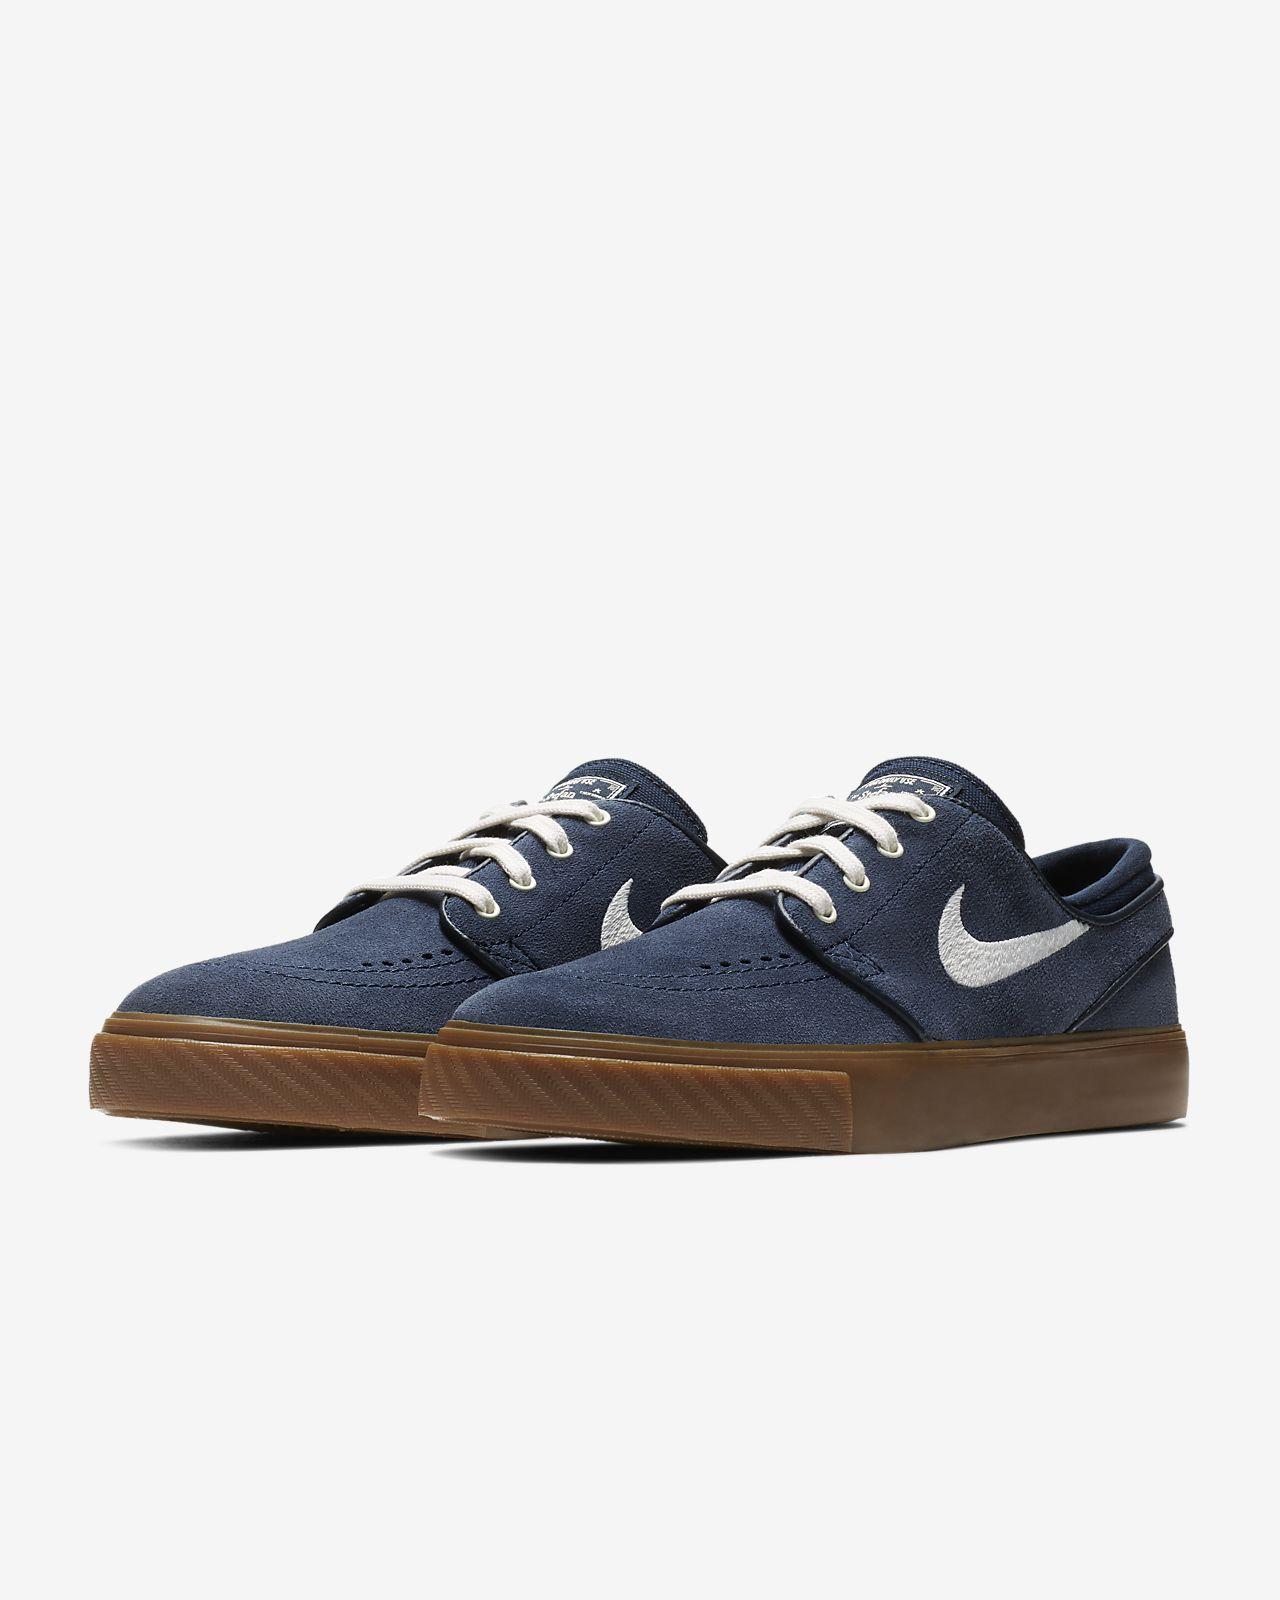 huge discount 8d299 47f06 Nike Zoom Stefan Janoski Skateschoen voor dames. Nike.com BE